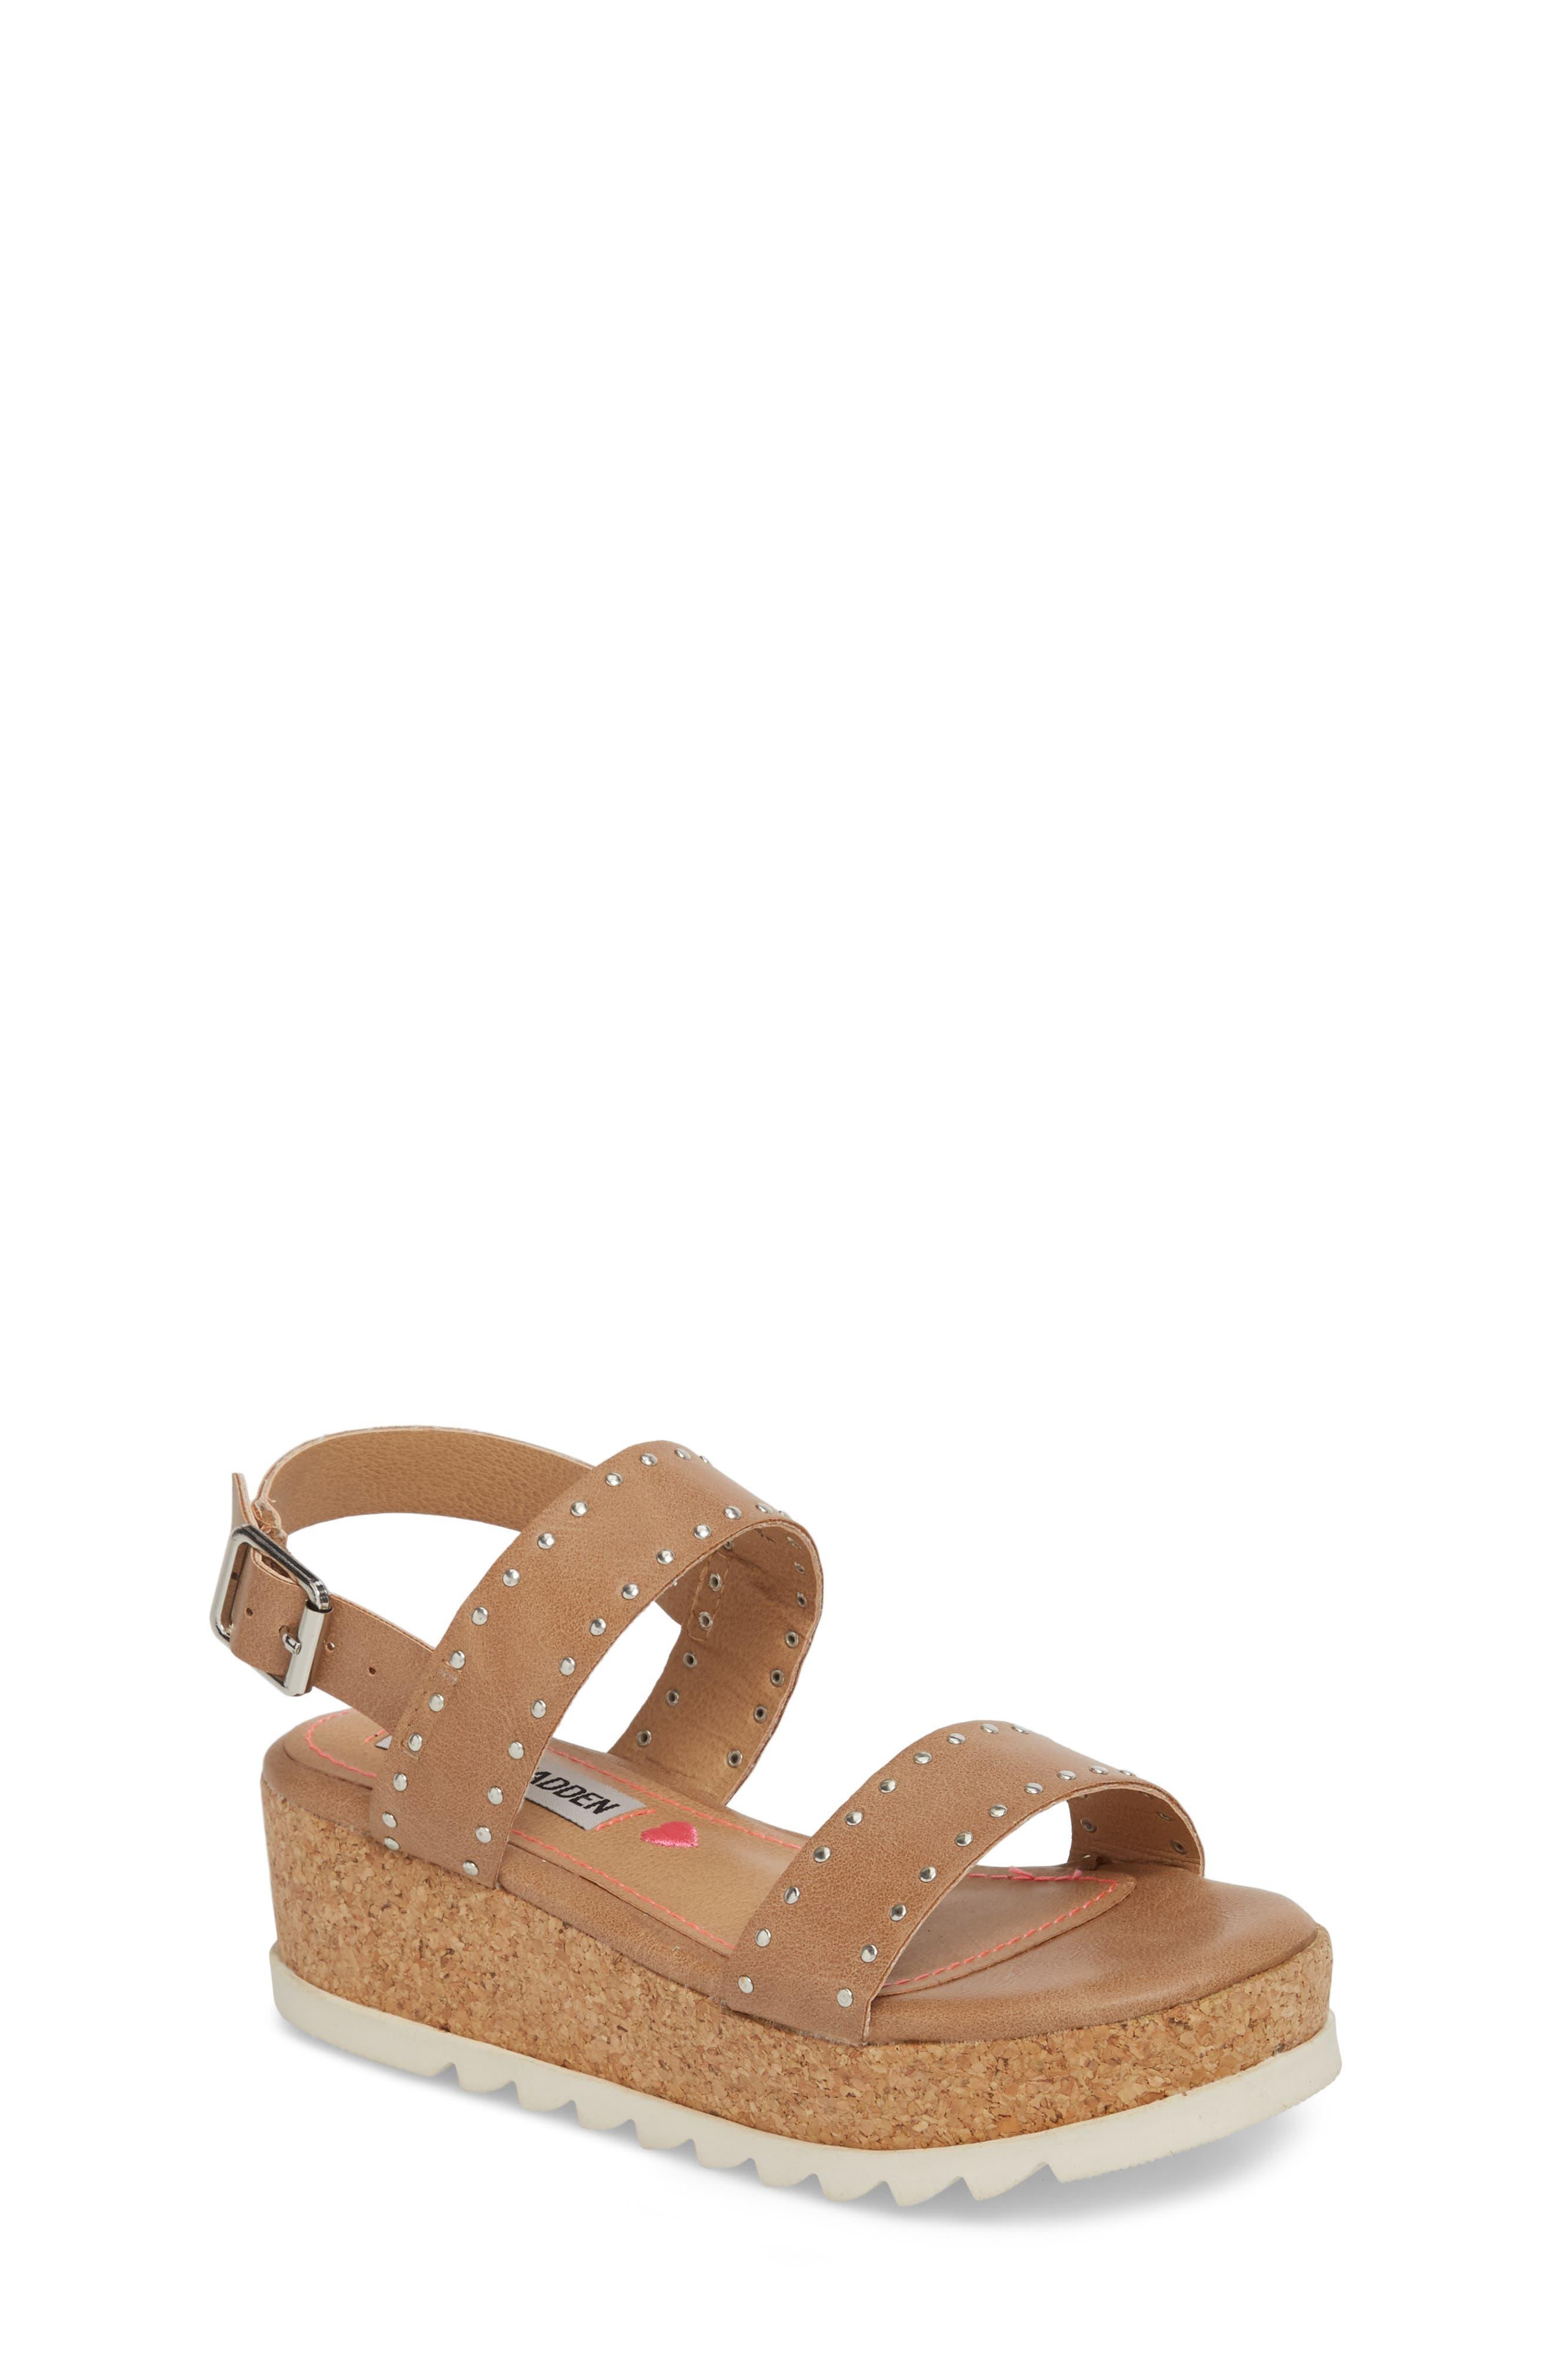 JKRISTIE Platform Sandal,                         Main,                         color, Natural